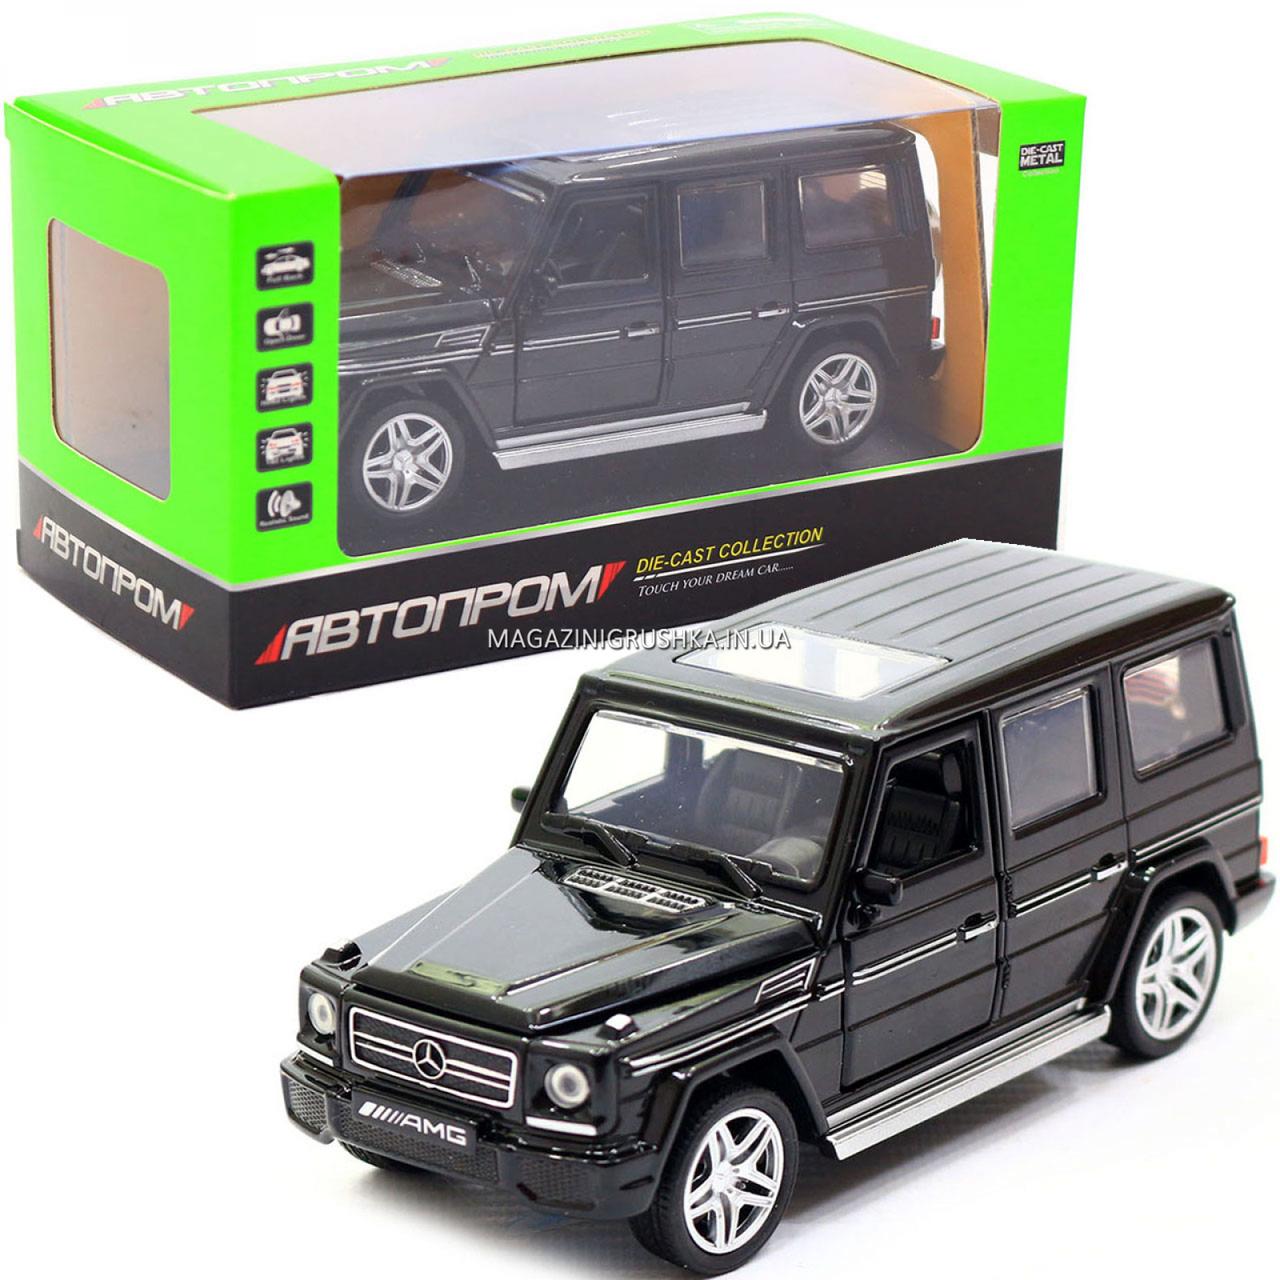 Игрушка машина Автопром Мерседес Бенц (Mercedes-Benz) Чёрный блестящий. Гелендваген (Гелик) (3201G)